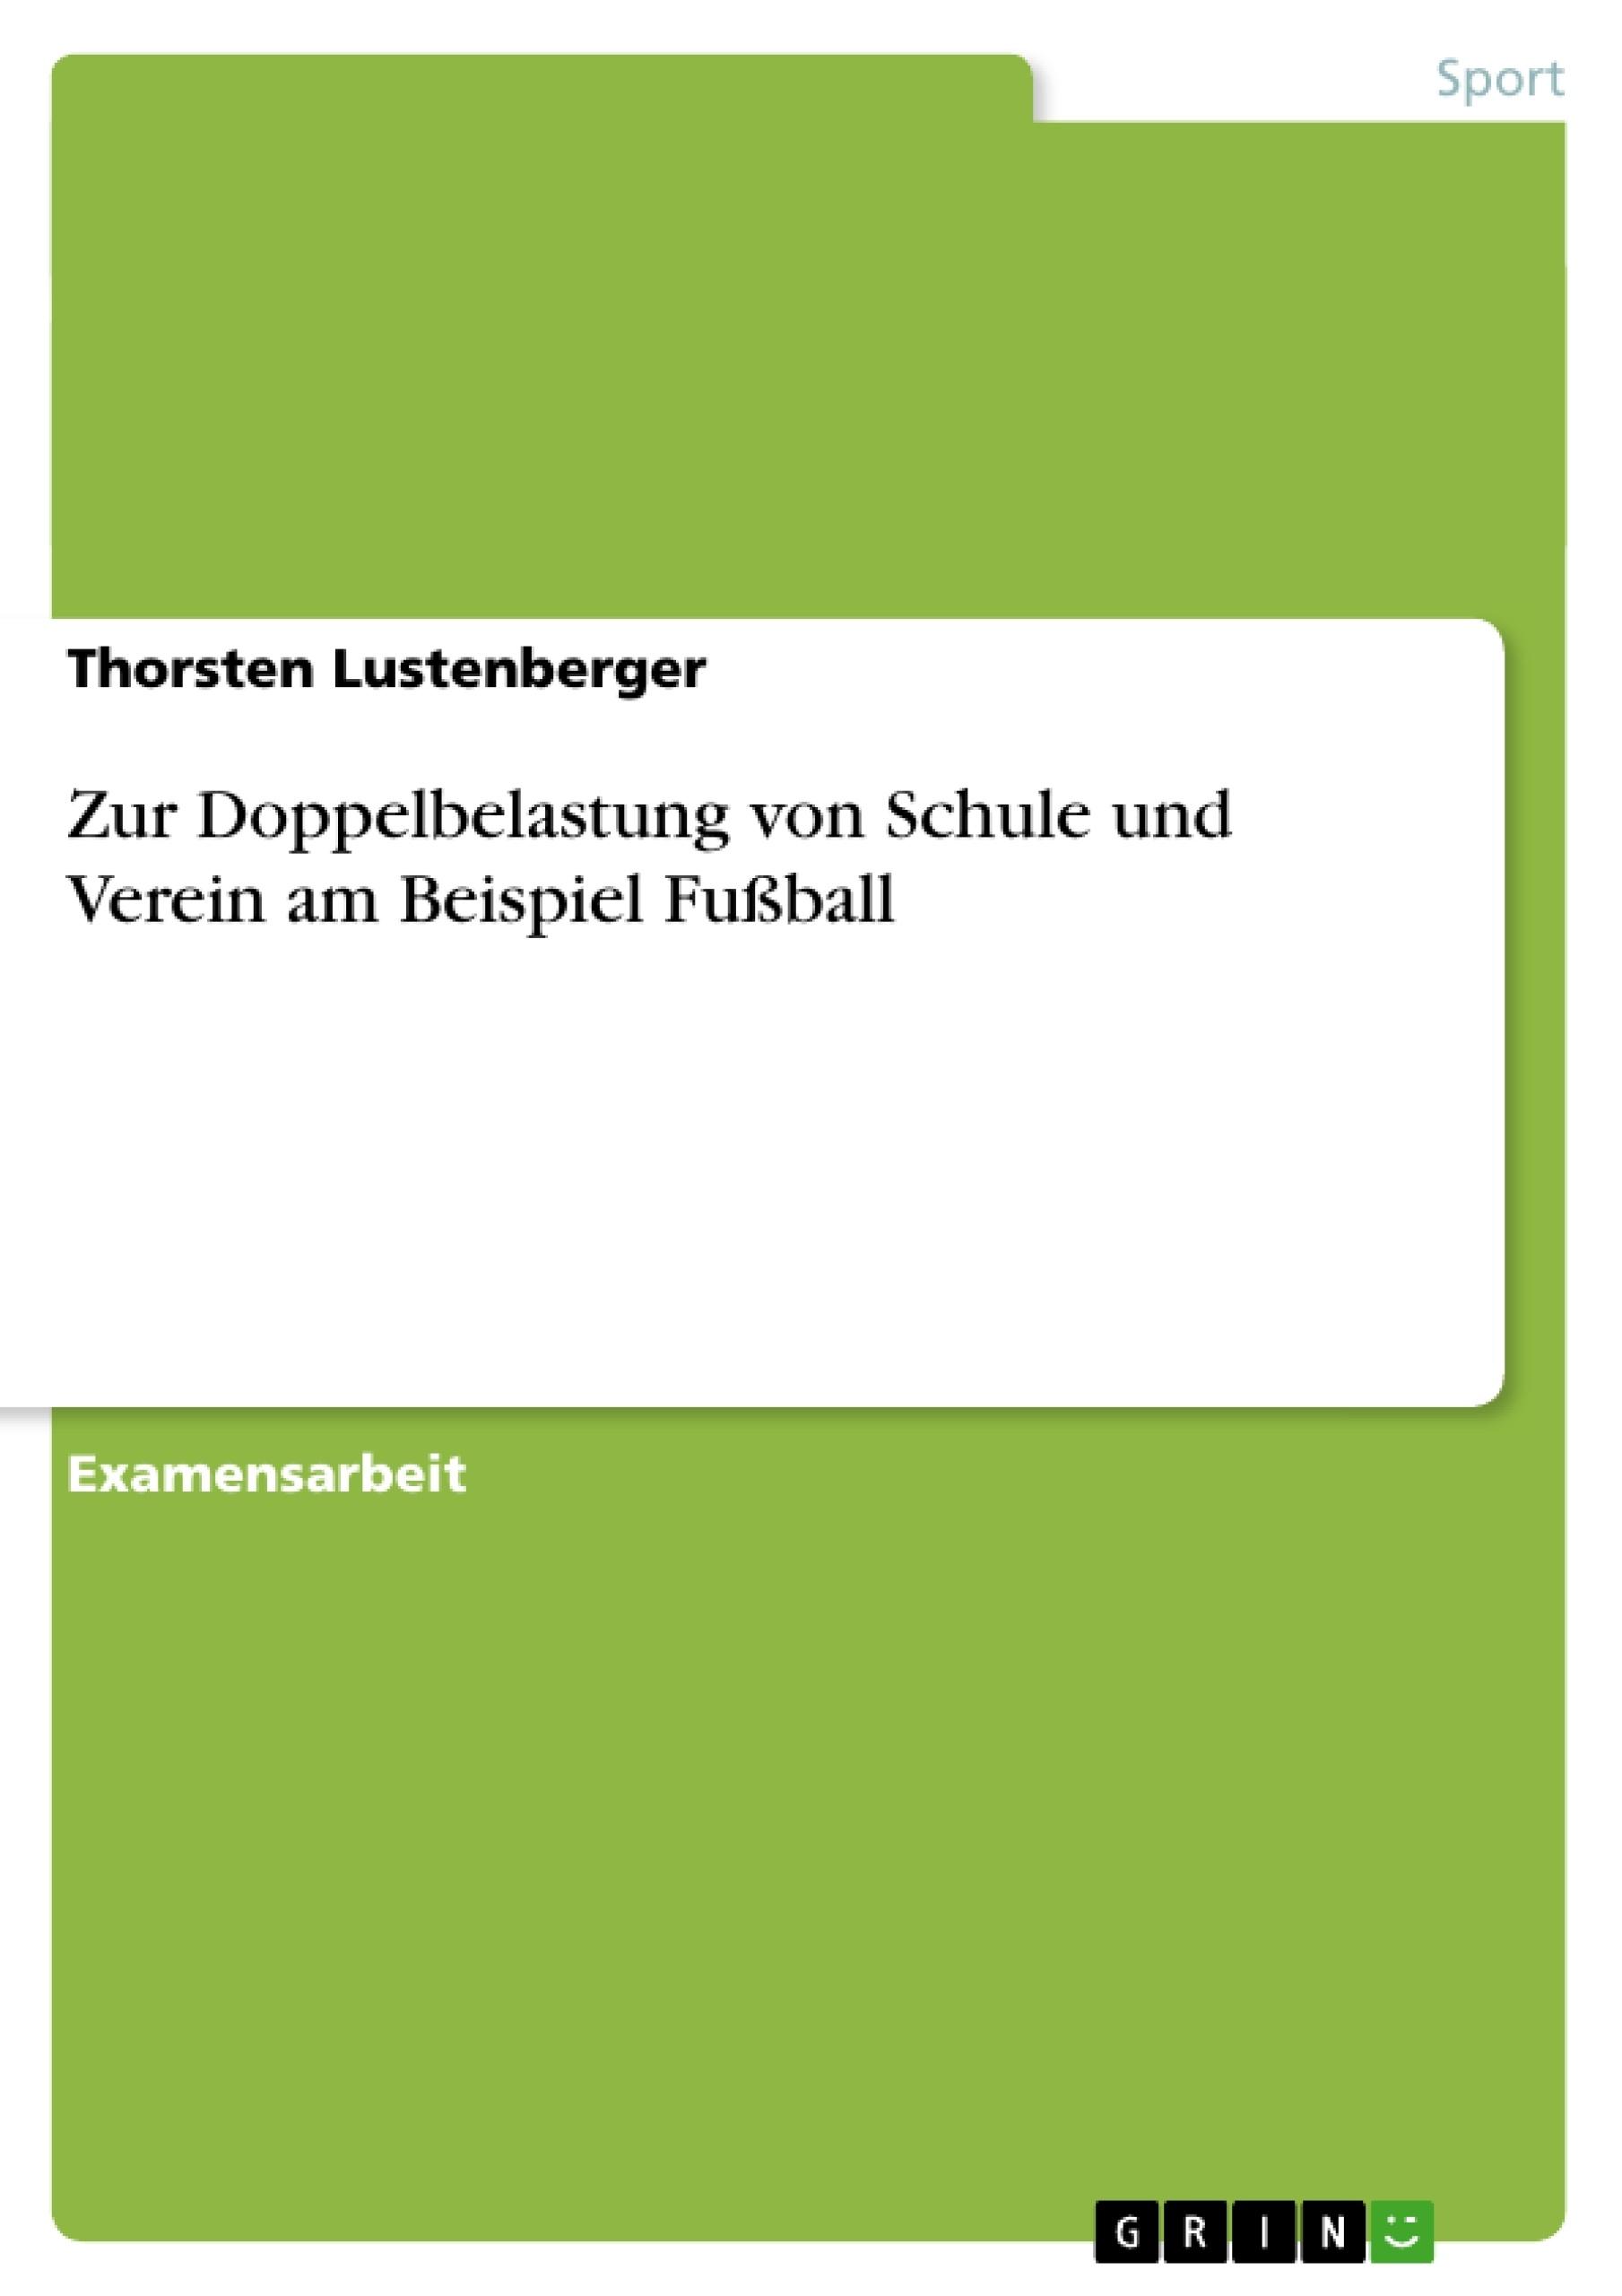 Titel: Zur Doppelbelastung von Schule und Verein am Beispiel Fußball